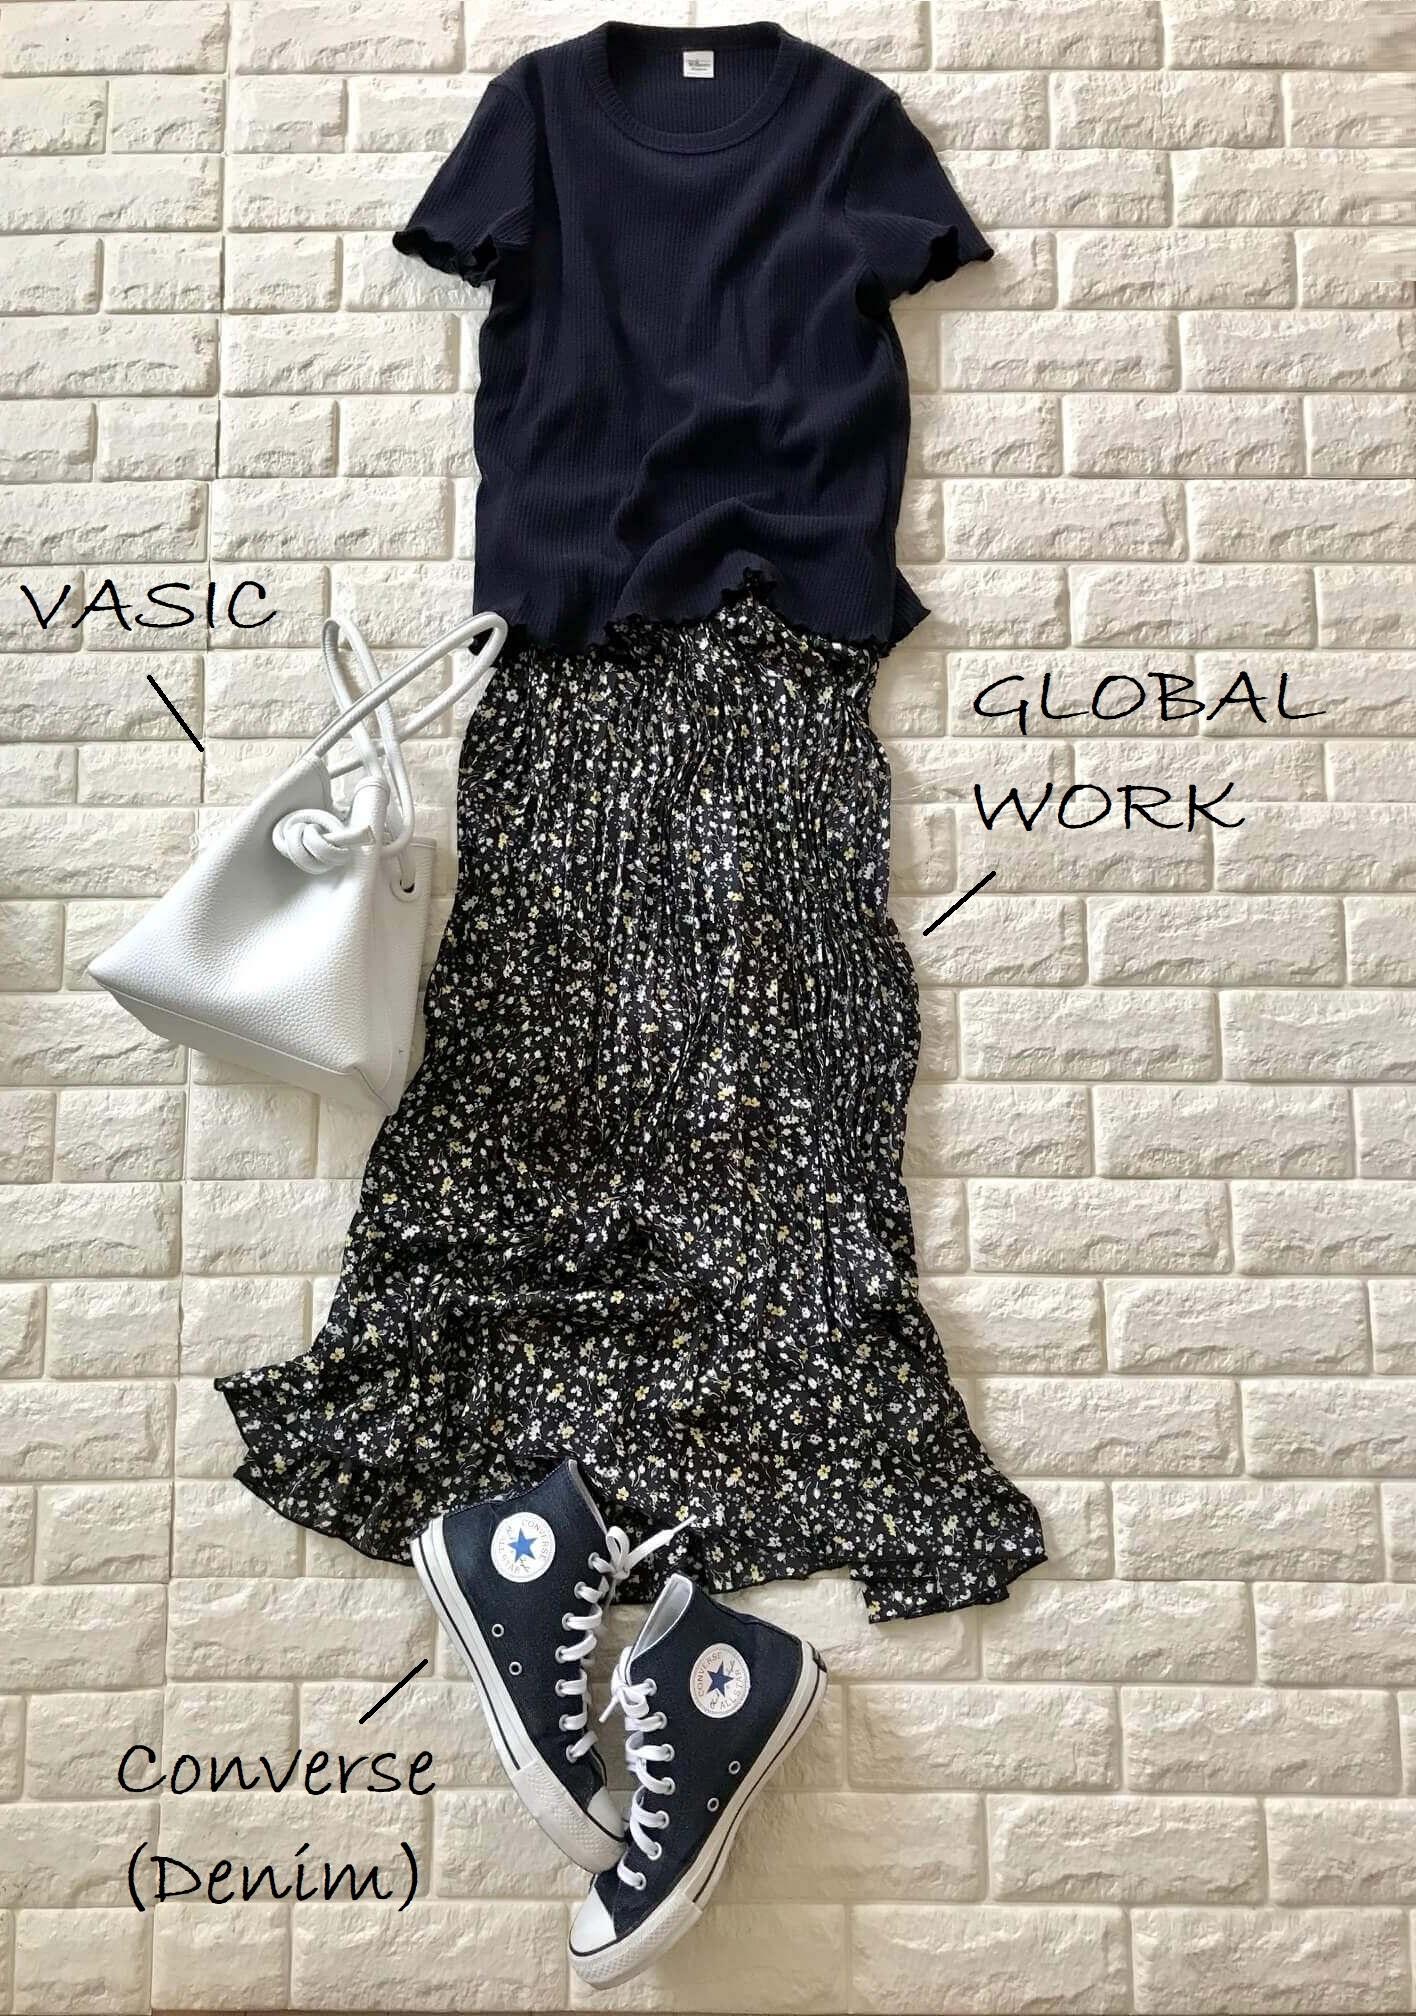 ロンハーマンの半袖ニットと花柄スカートを合わせたフェミニンコーデ